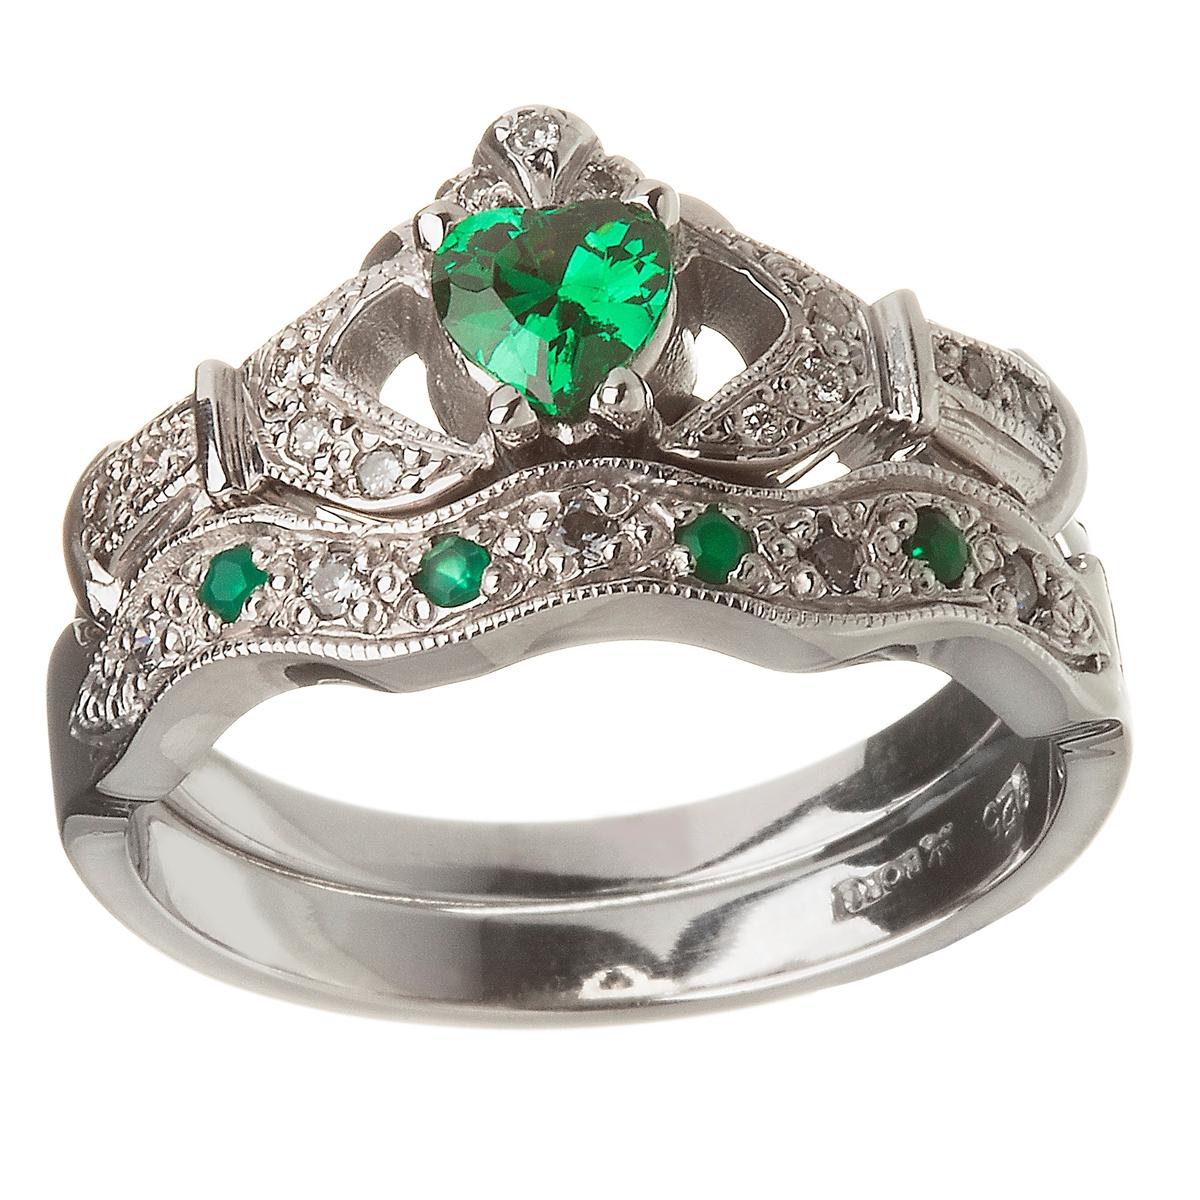 engzkw claddagh wedding ring set